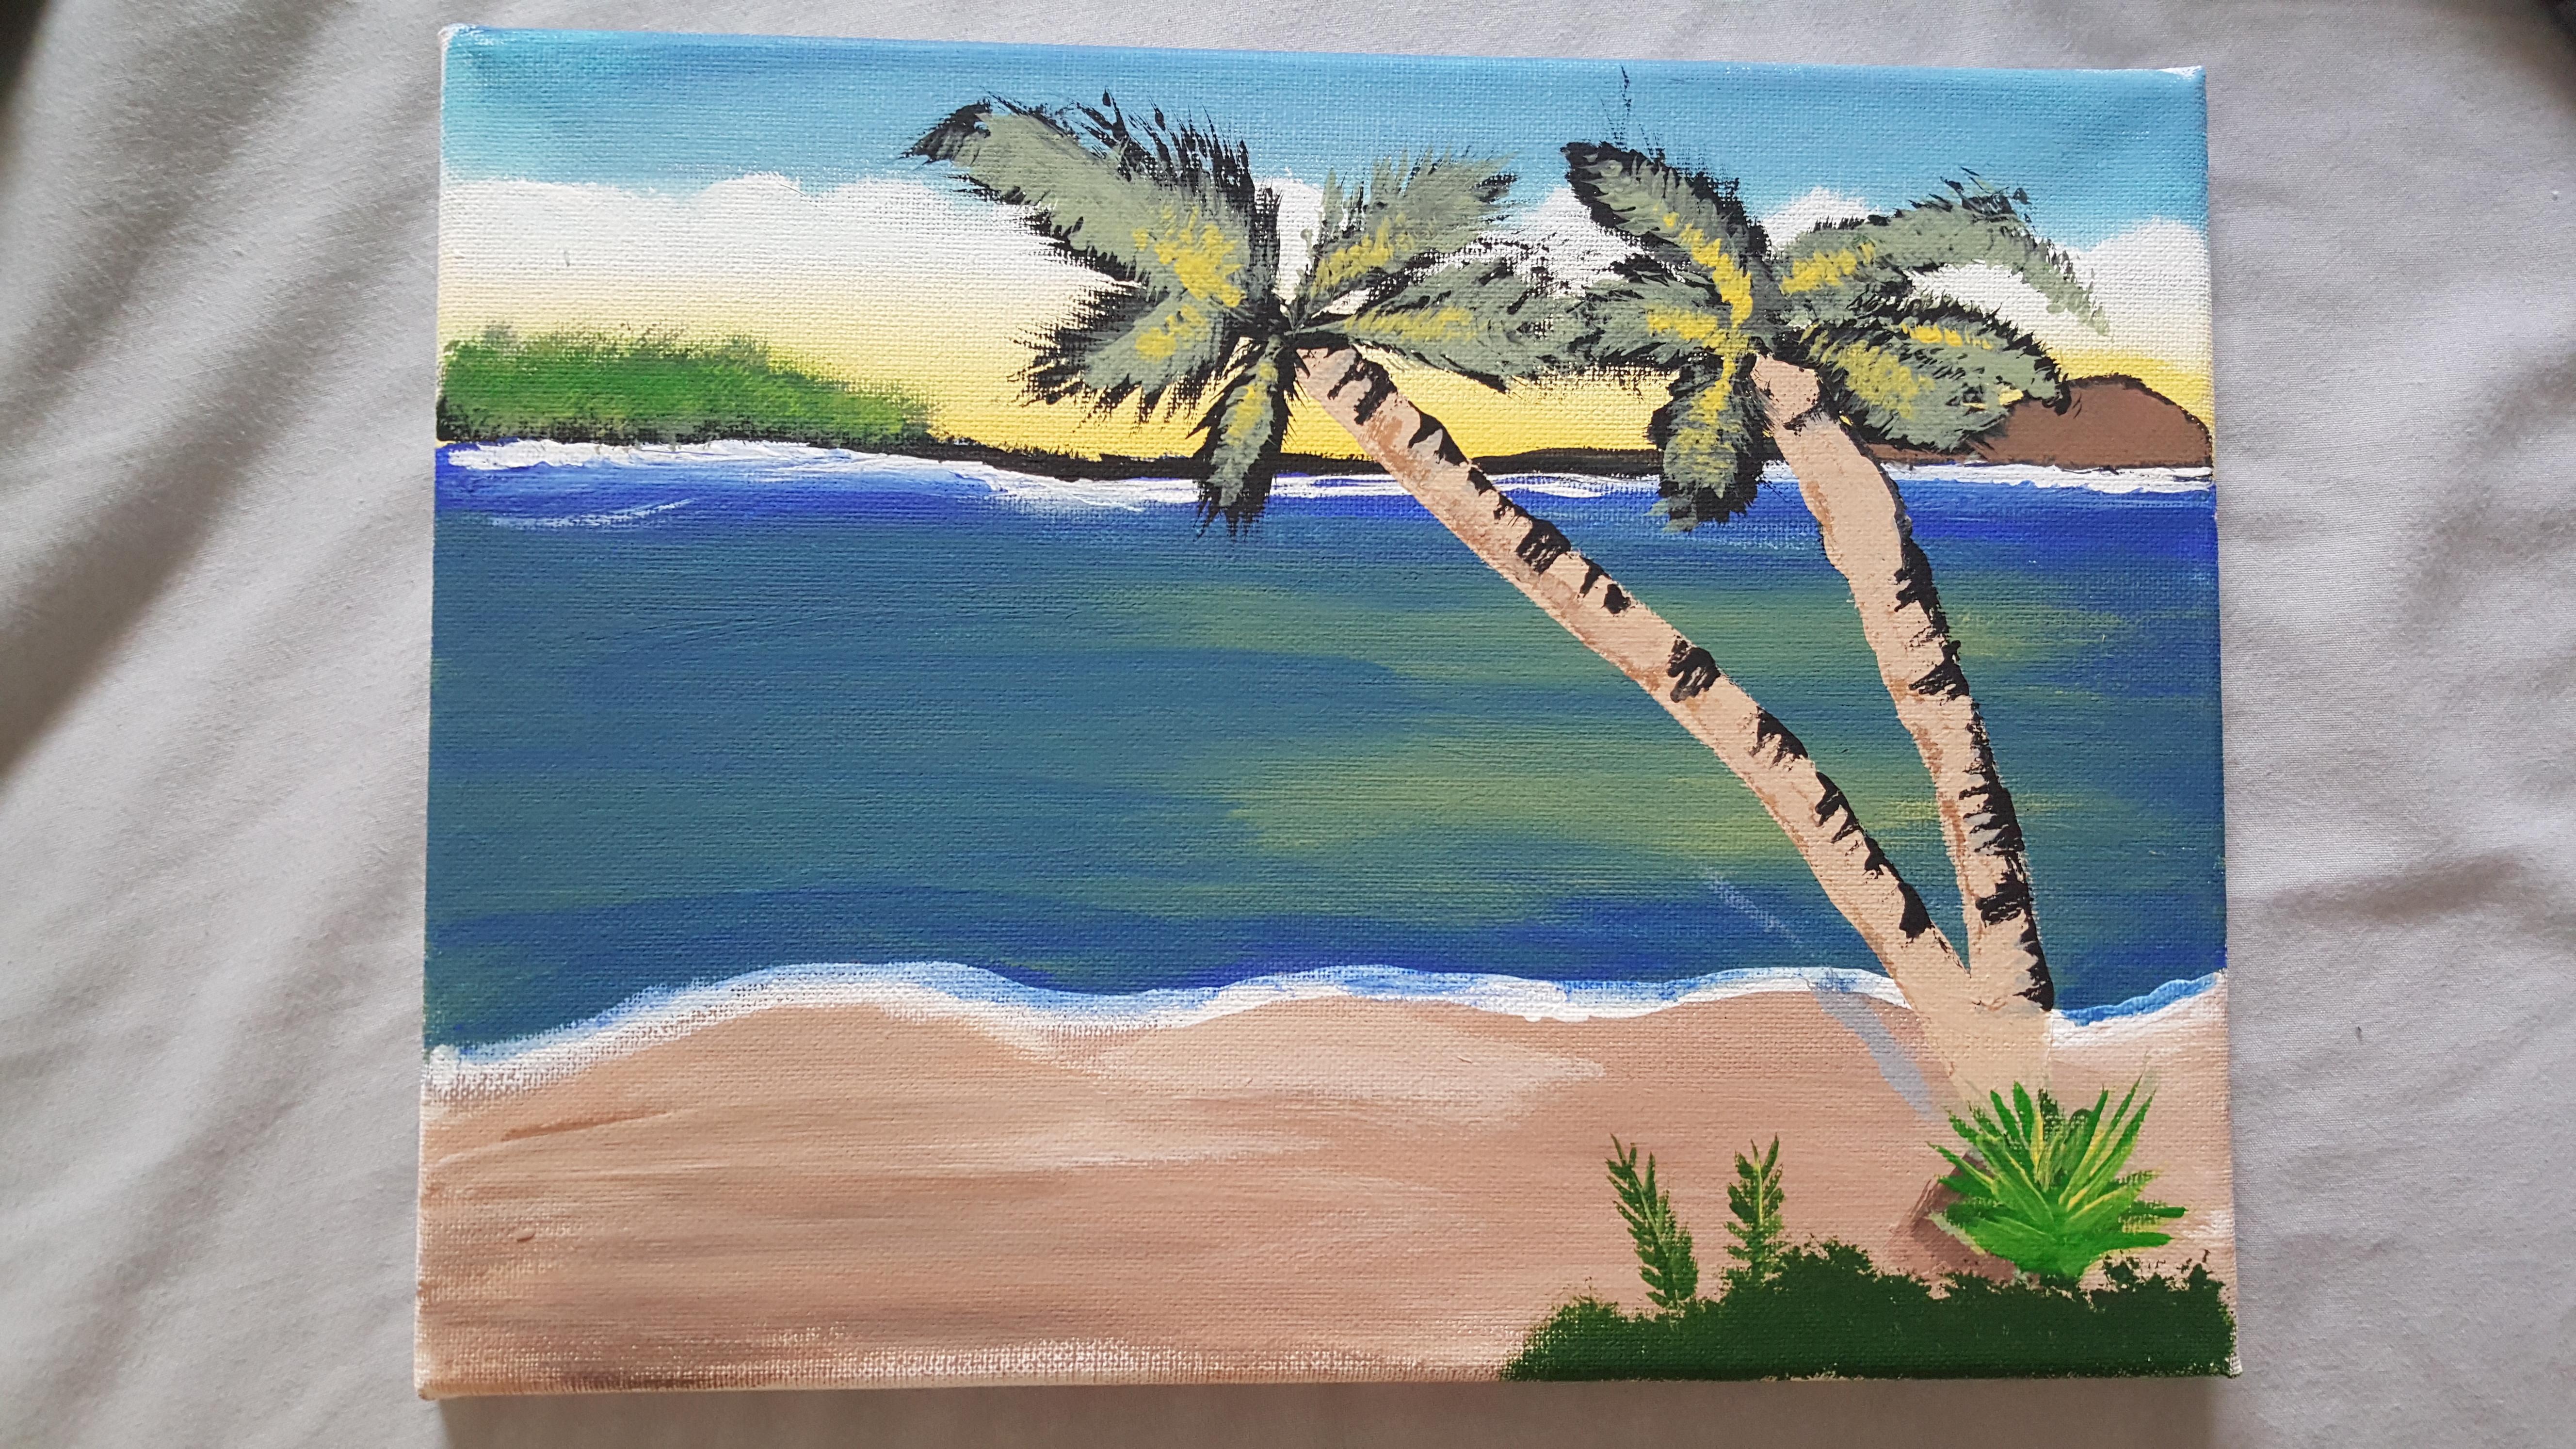 Lifes a beach copy.jpeg